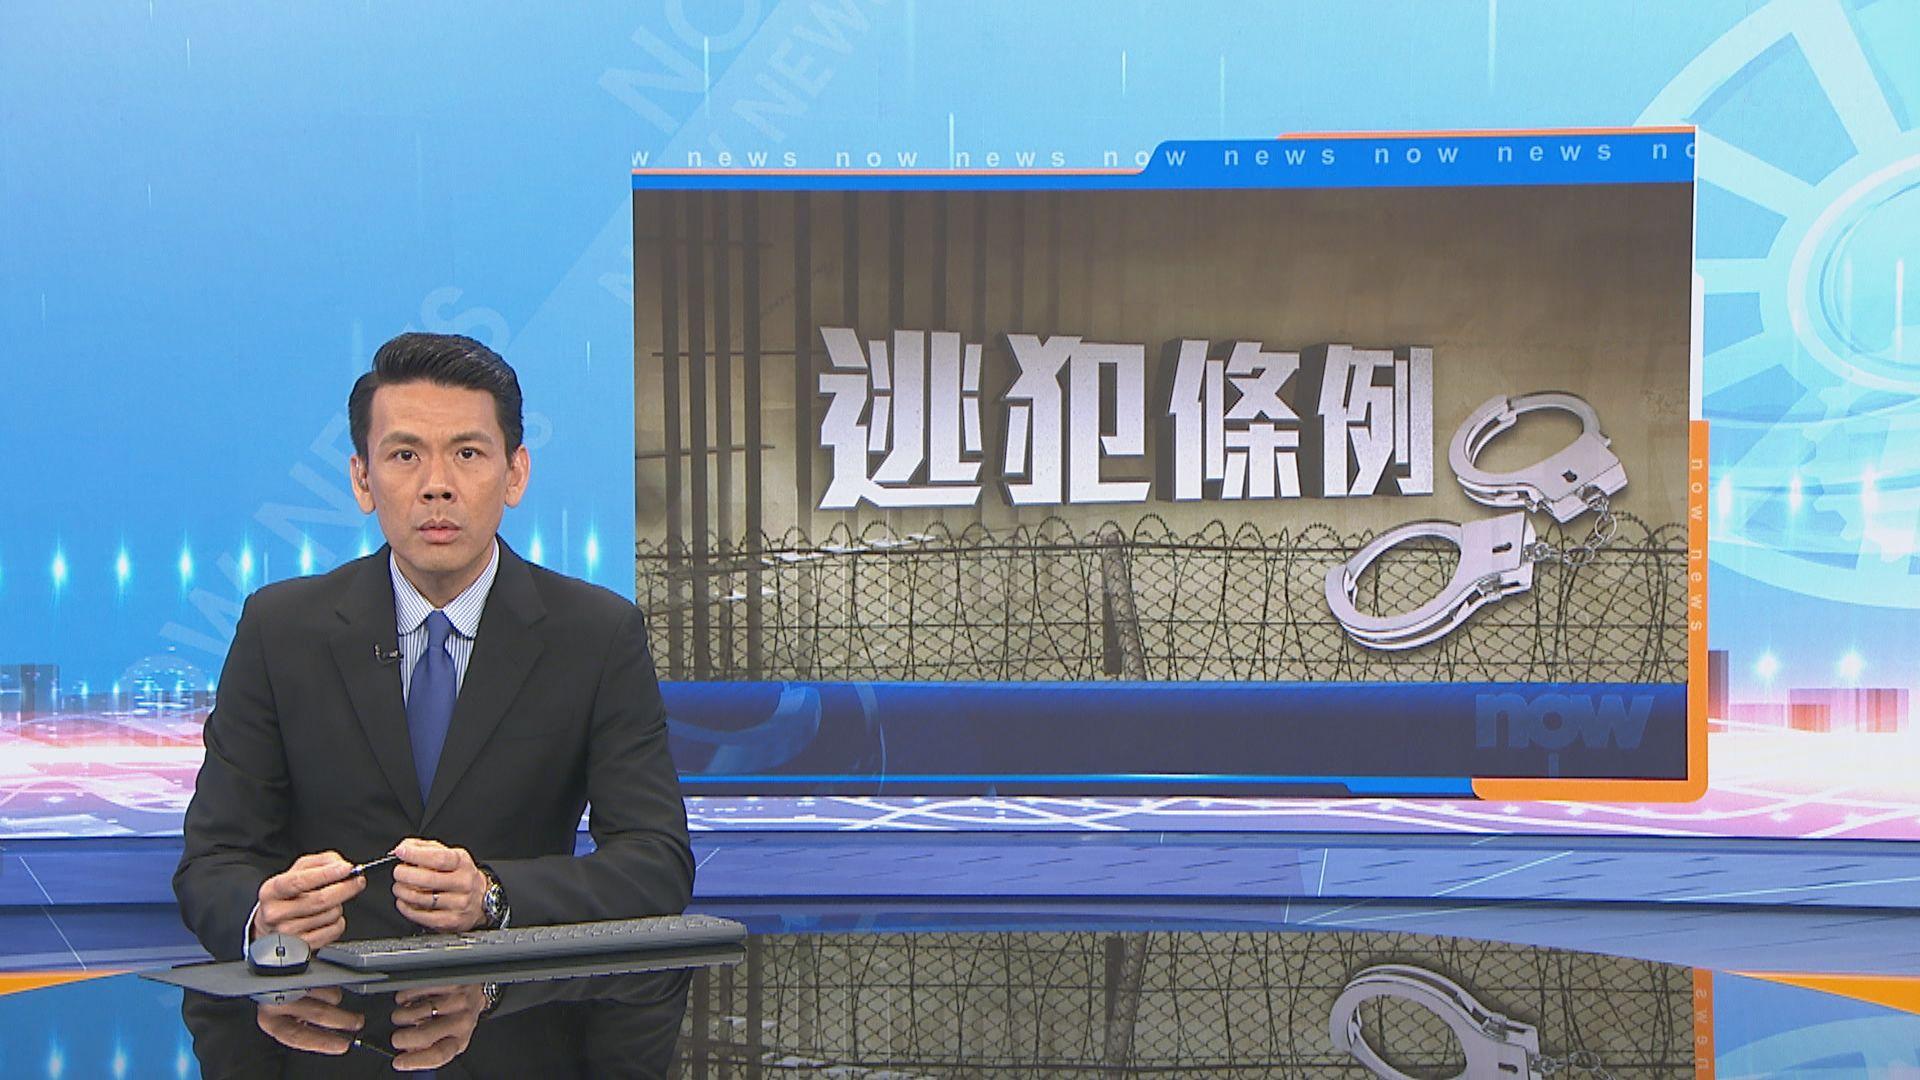 林鄭:無論受到多少政治批評逃犯條例也要做